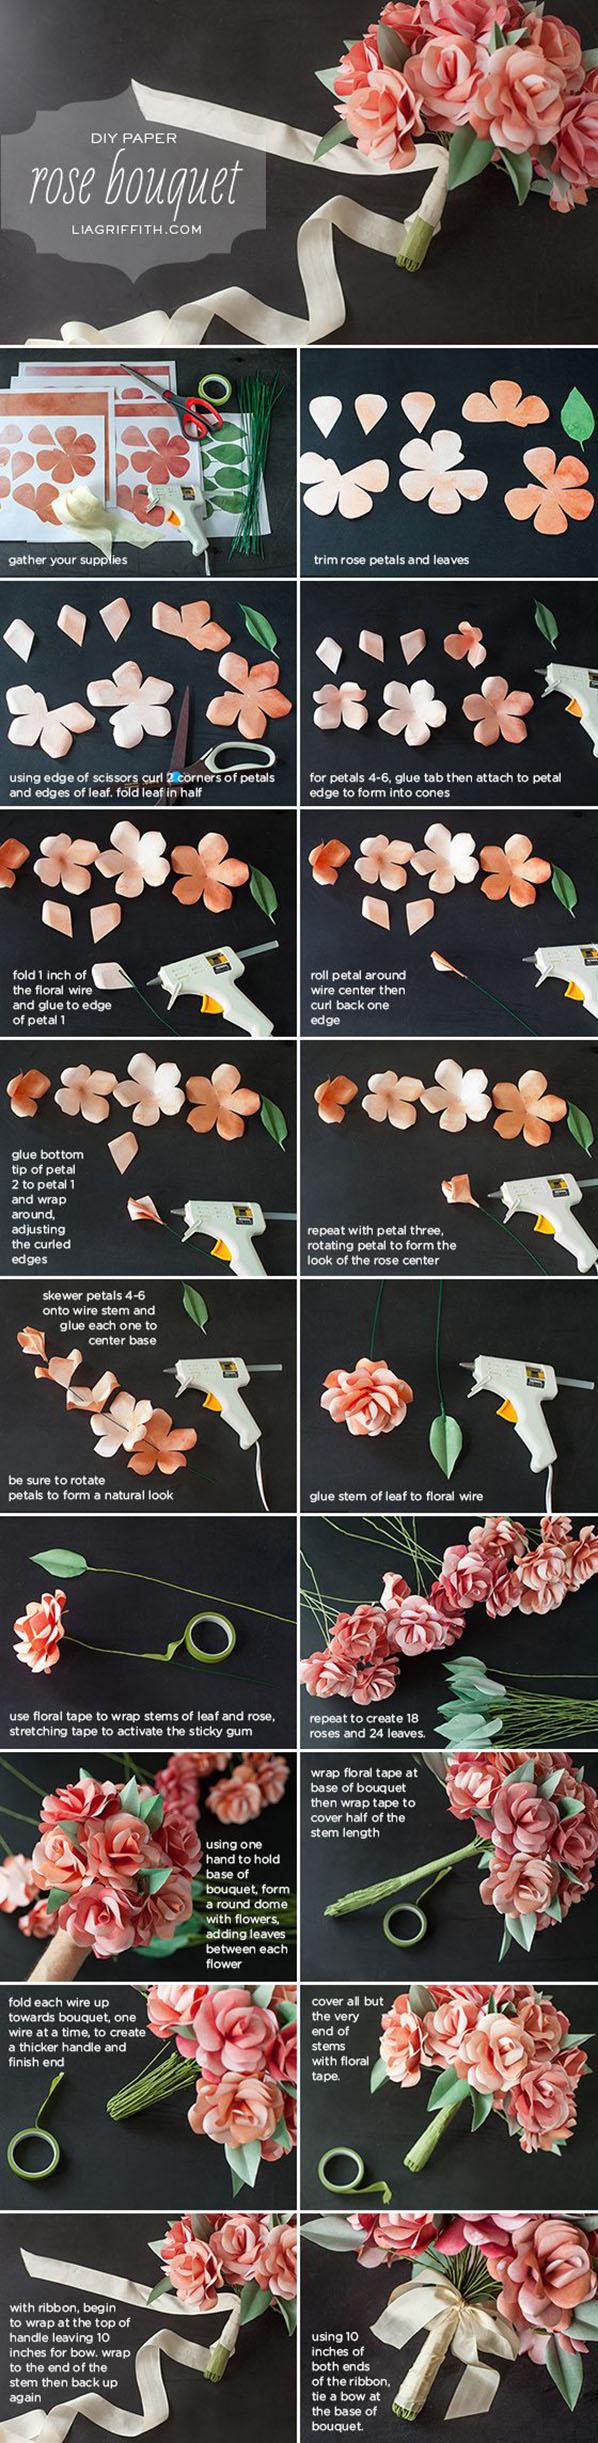 Букет цветов своими руками из бумаги и конфет